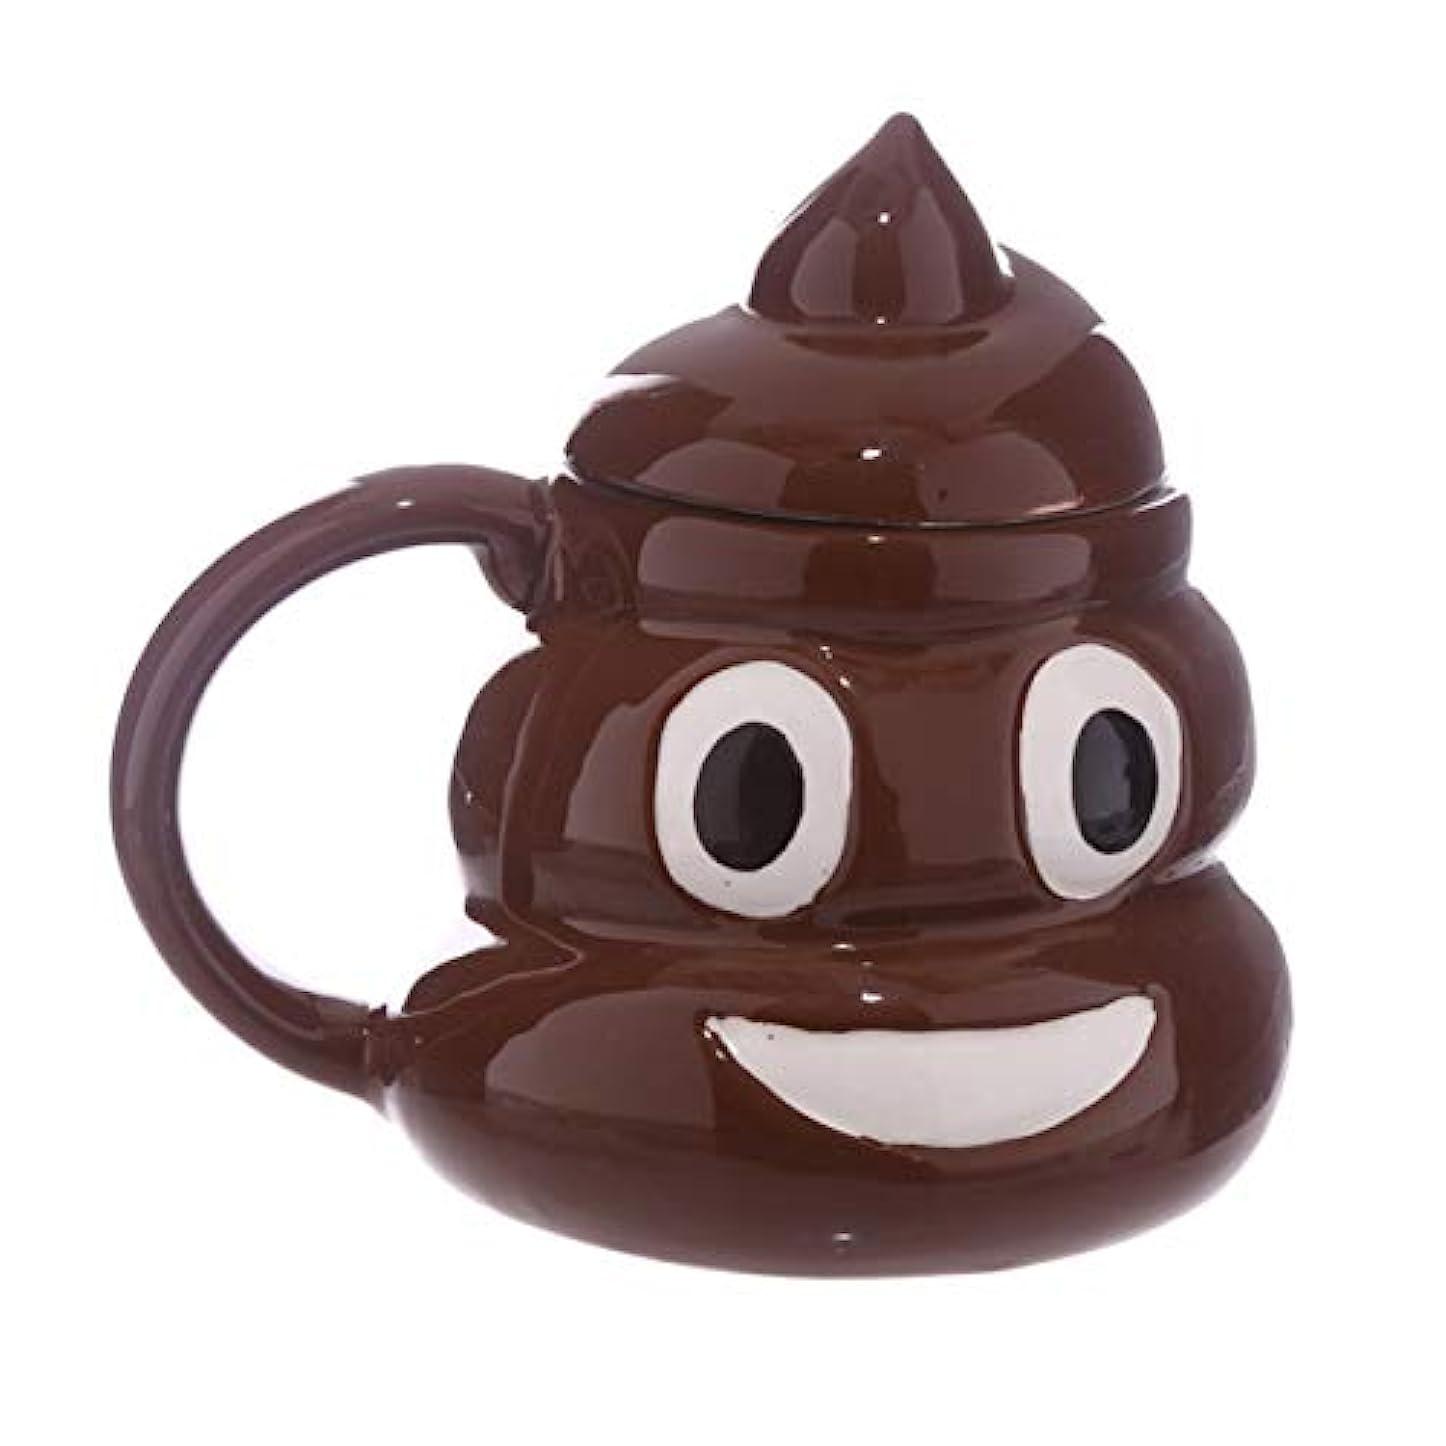 研磨退却十分Saikogoods 3Dおかしい絵文字マグ特殊セラミックコーヒーカップかわいいティーカップ磁器カップノベルティミルクマグフレンズファミリーギフト 褐色